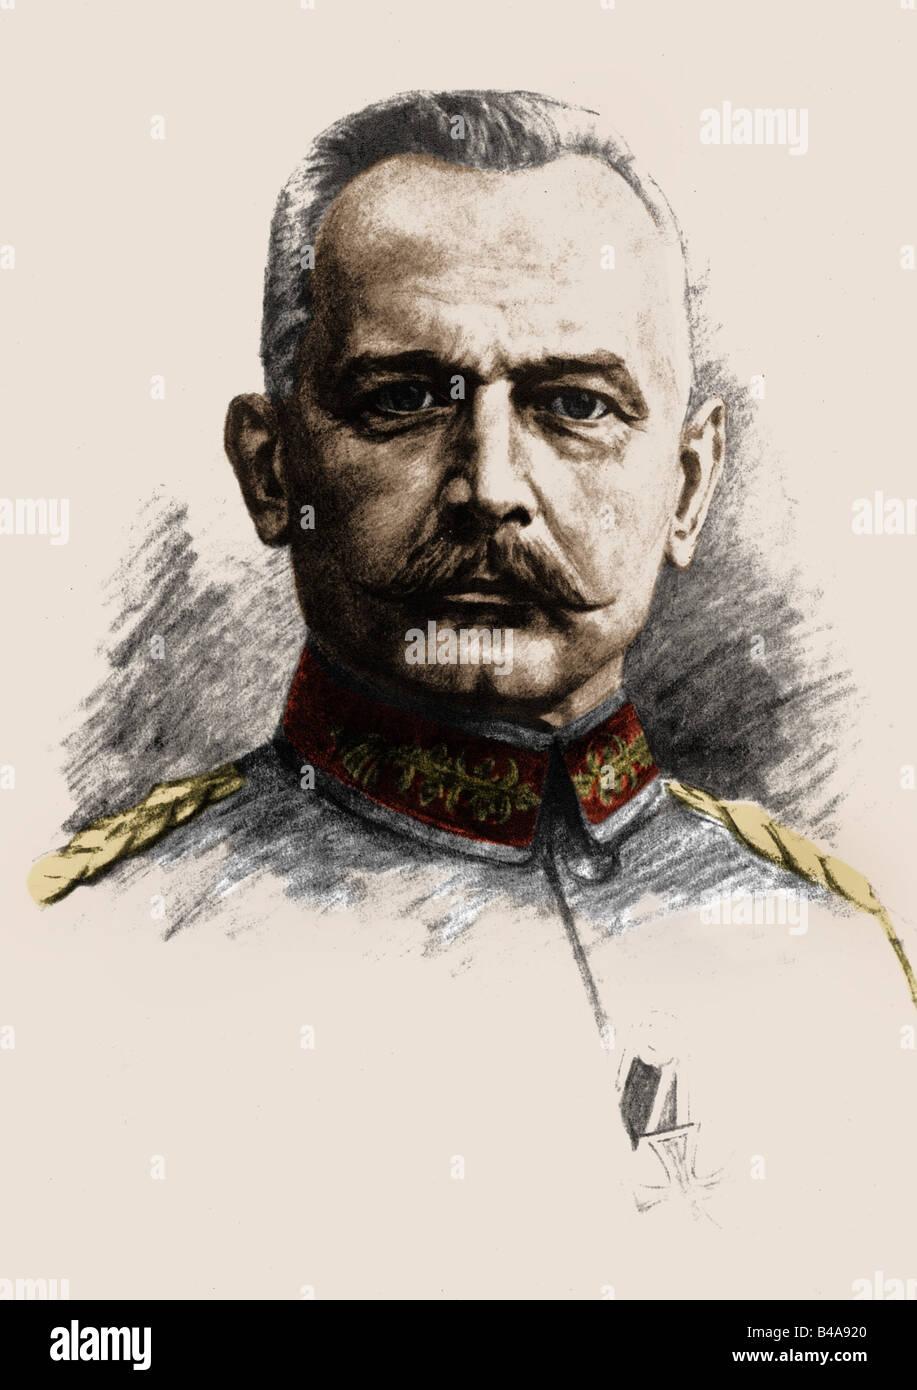 , Erich von Falkenhayn, 11.9.1861 - 8.4.1922, général allemand, portrait, carte postale, dessin, 1915, Photo Stock